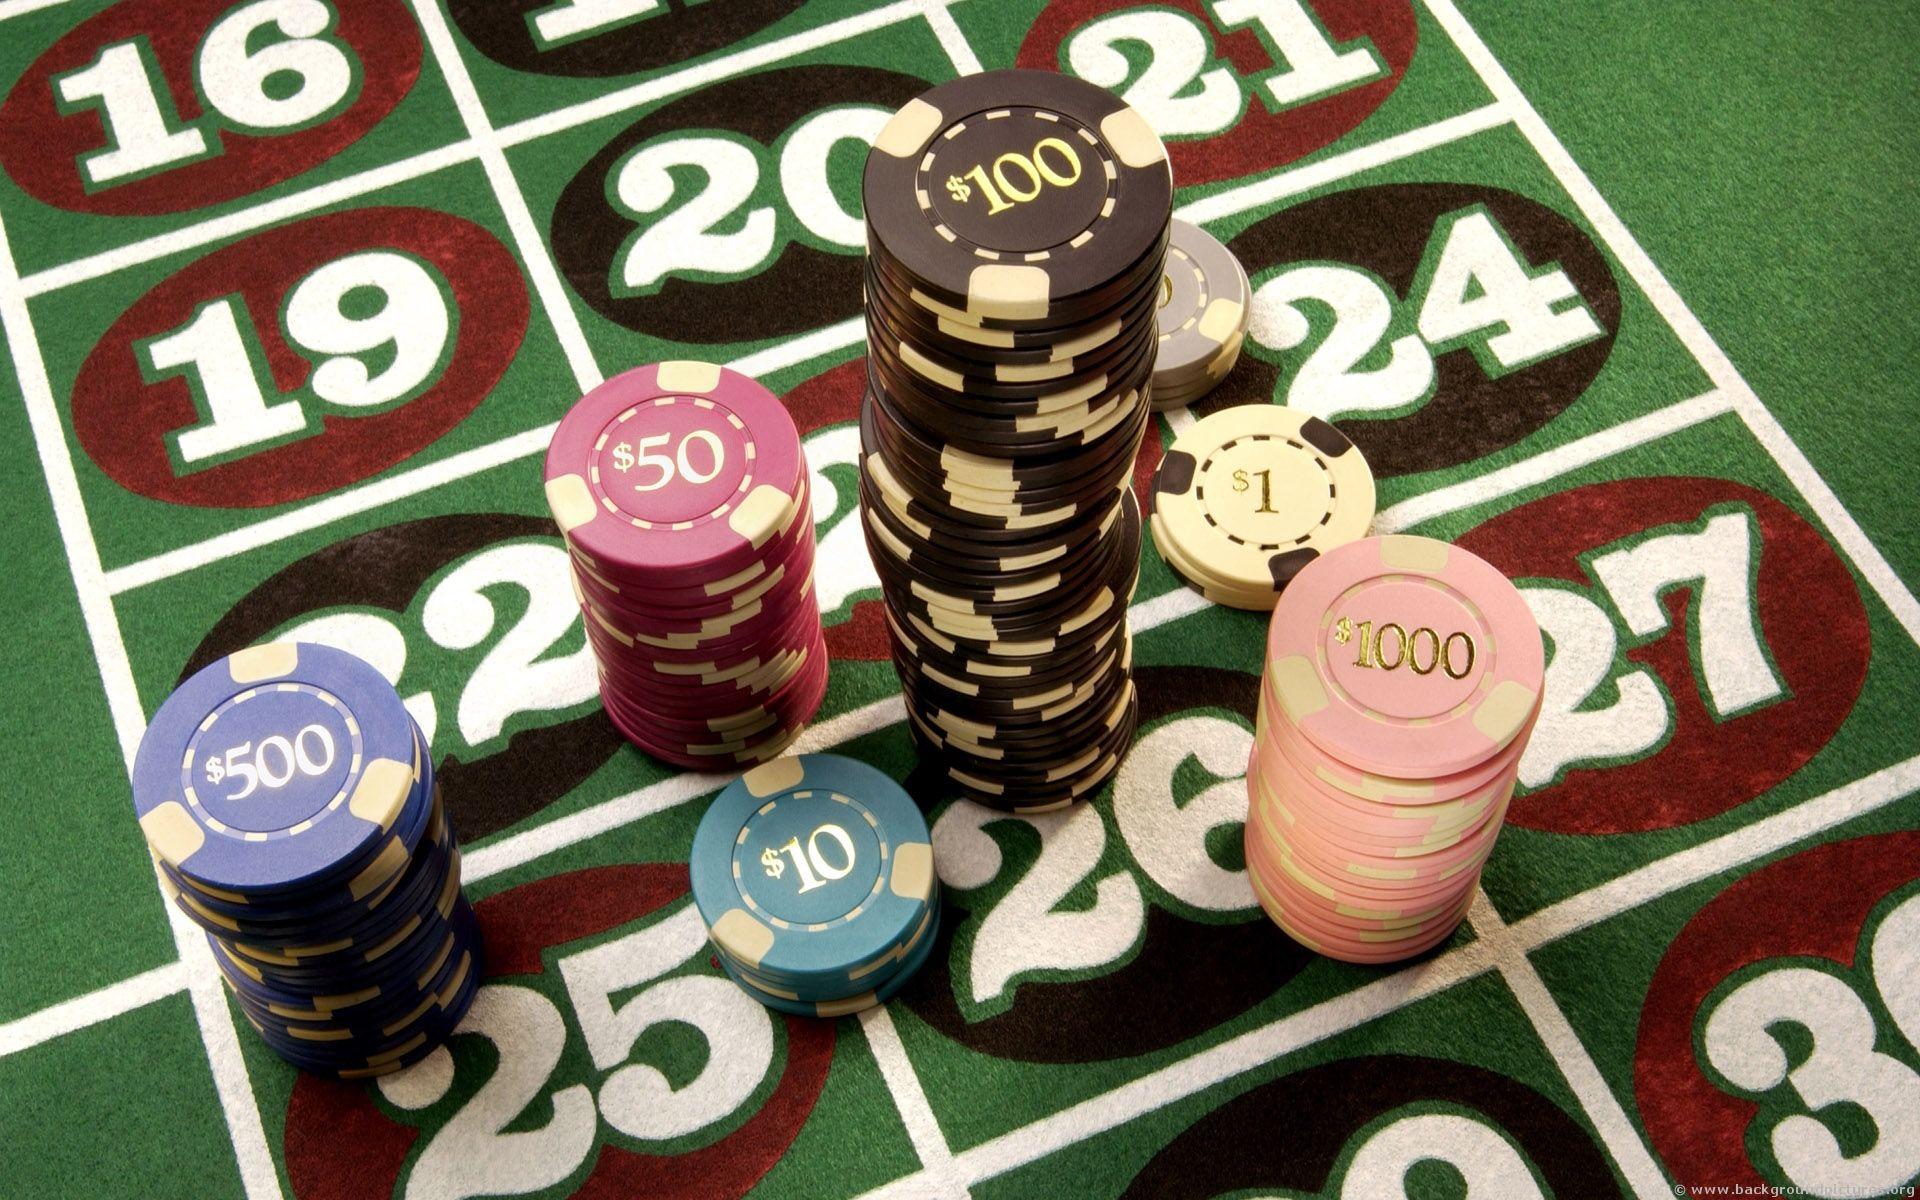 6 deck blackjack online